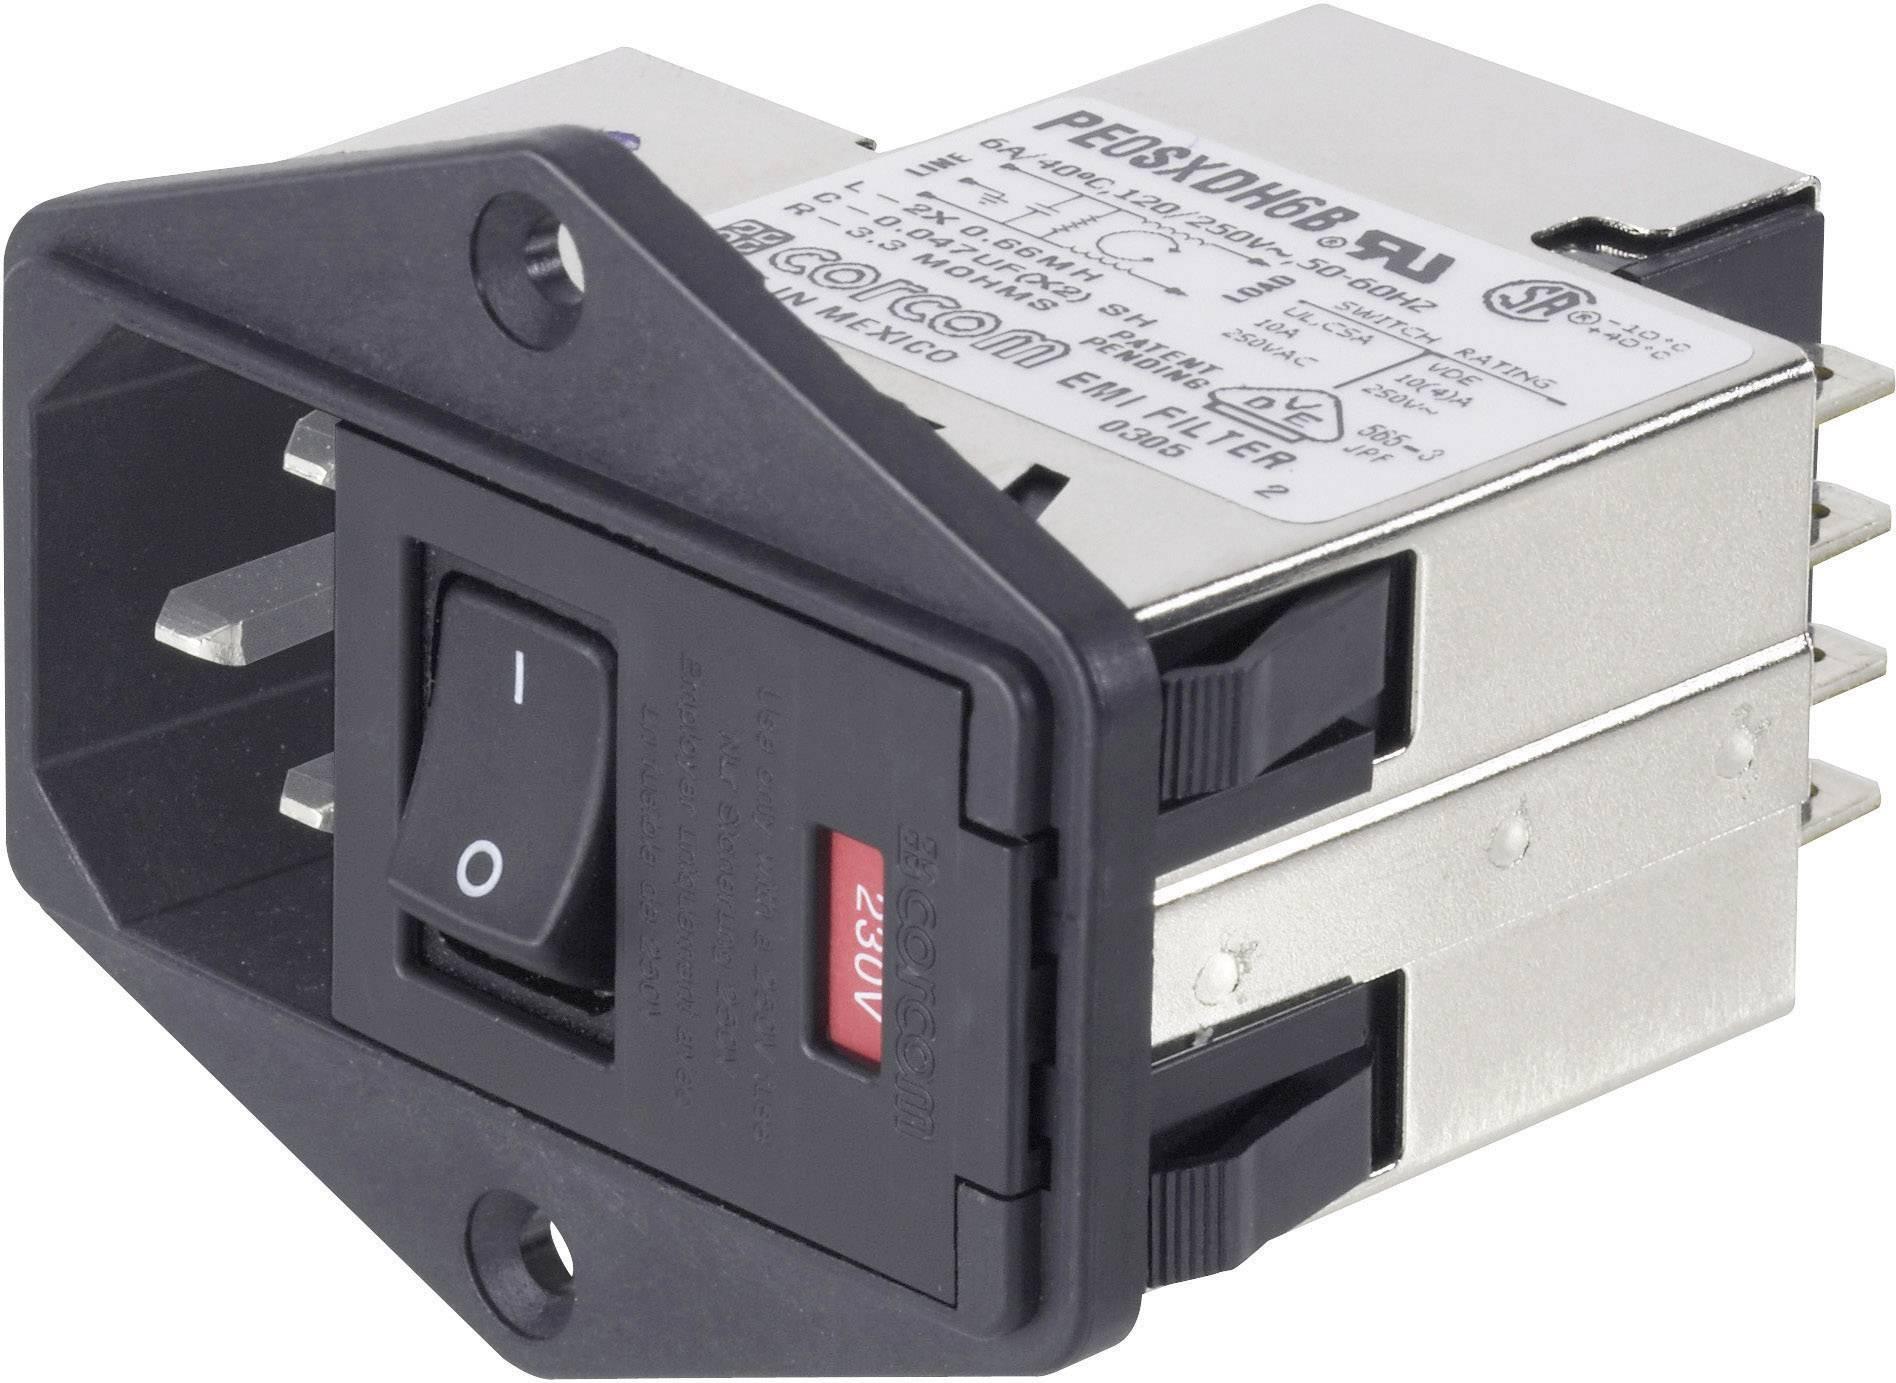 Sieťový filter TE Connectivity PS0S0DS6B=C1185 7-6609107-2, so spínačom, s dvoma poistkami, s IEC zásuvkou, 250 V/AC, 6 A, 1 ks